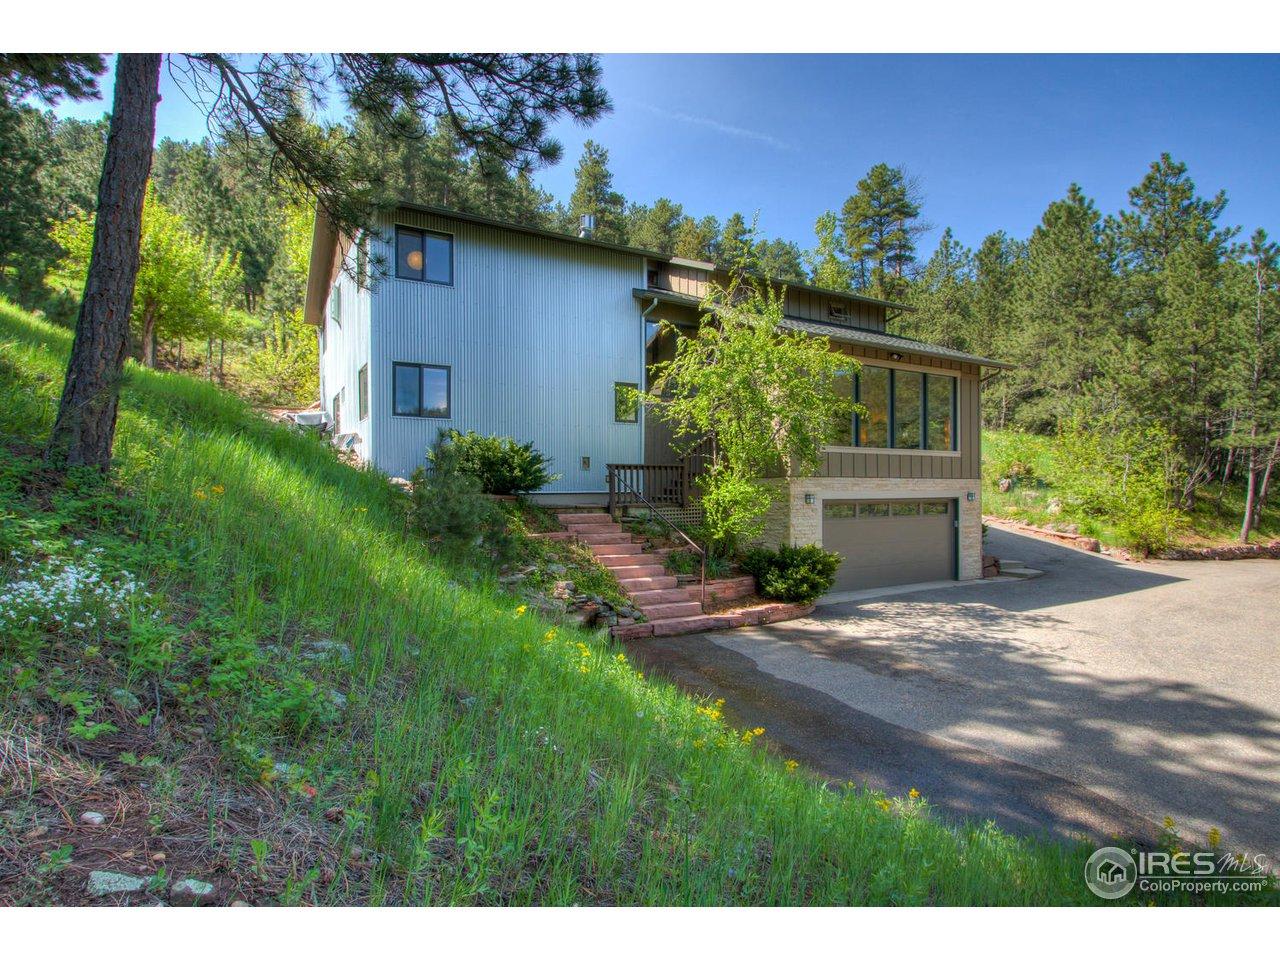 1789 Linden Dr, Boulder CO 80304